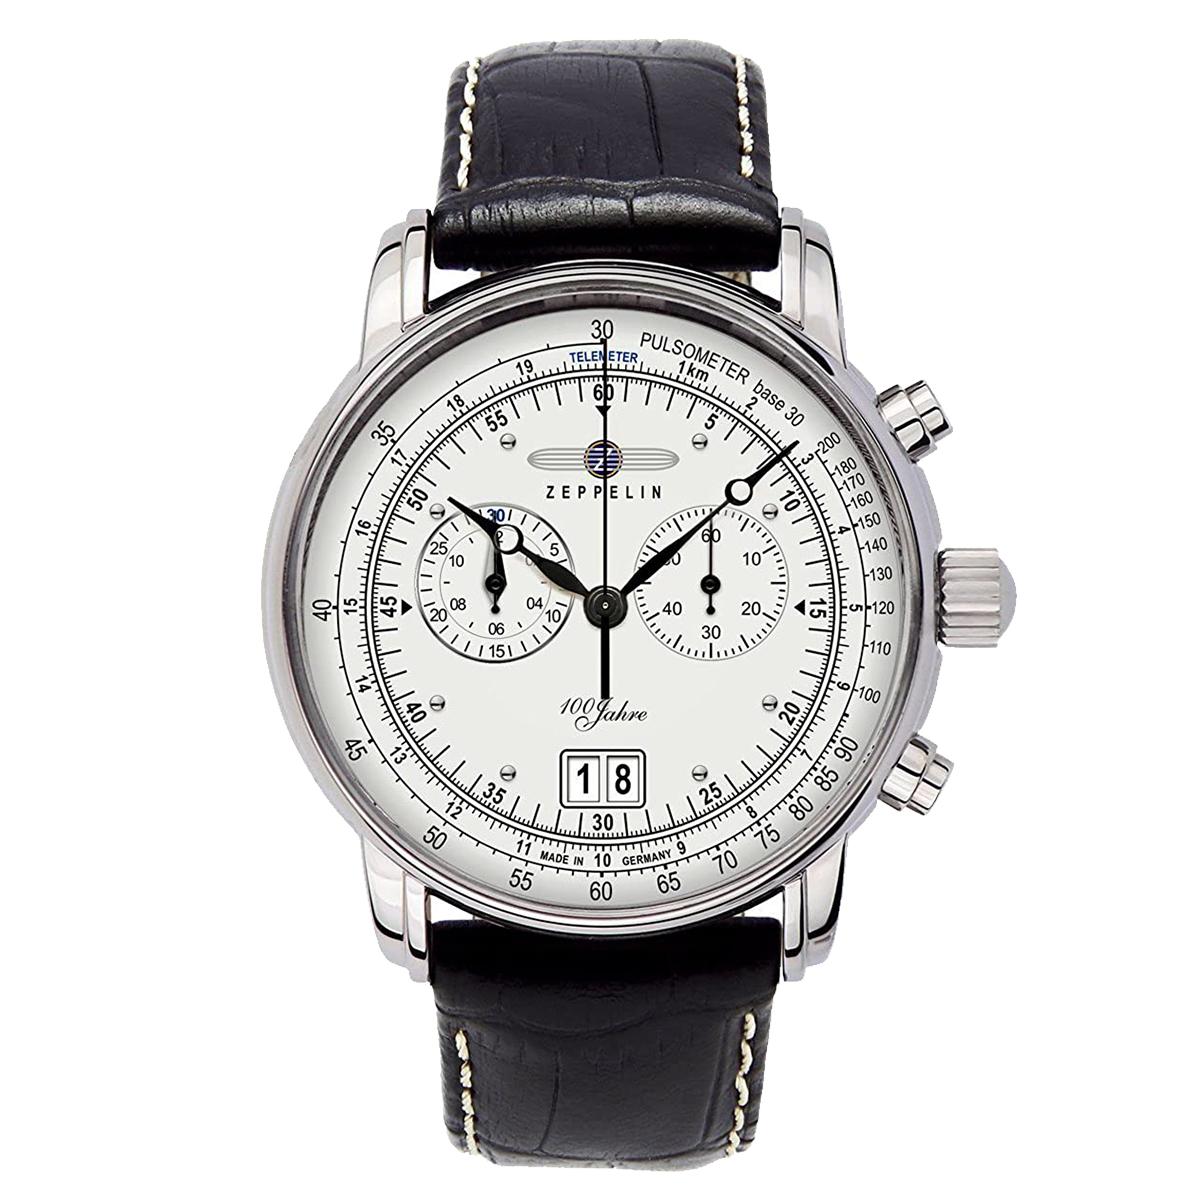 【全品送料無料】 ZEPPELIN ツェッペリン 100周年記念モデル グリーンツェッペリン クロノグラフ アラーム 7690-1 メンズ 時計 腕時計 プレゼント ギフト 贈り物[あす楽]